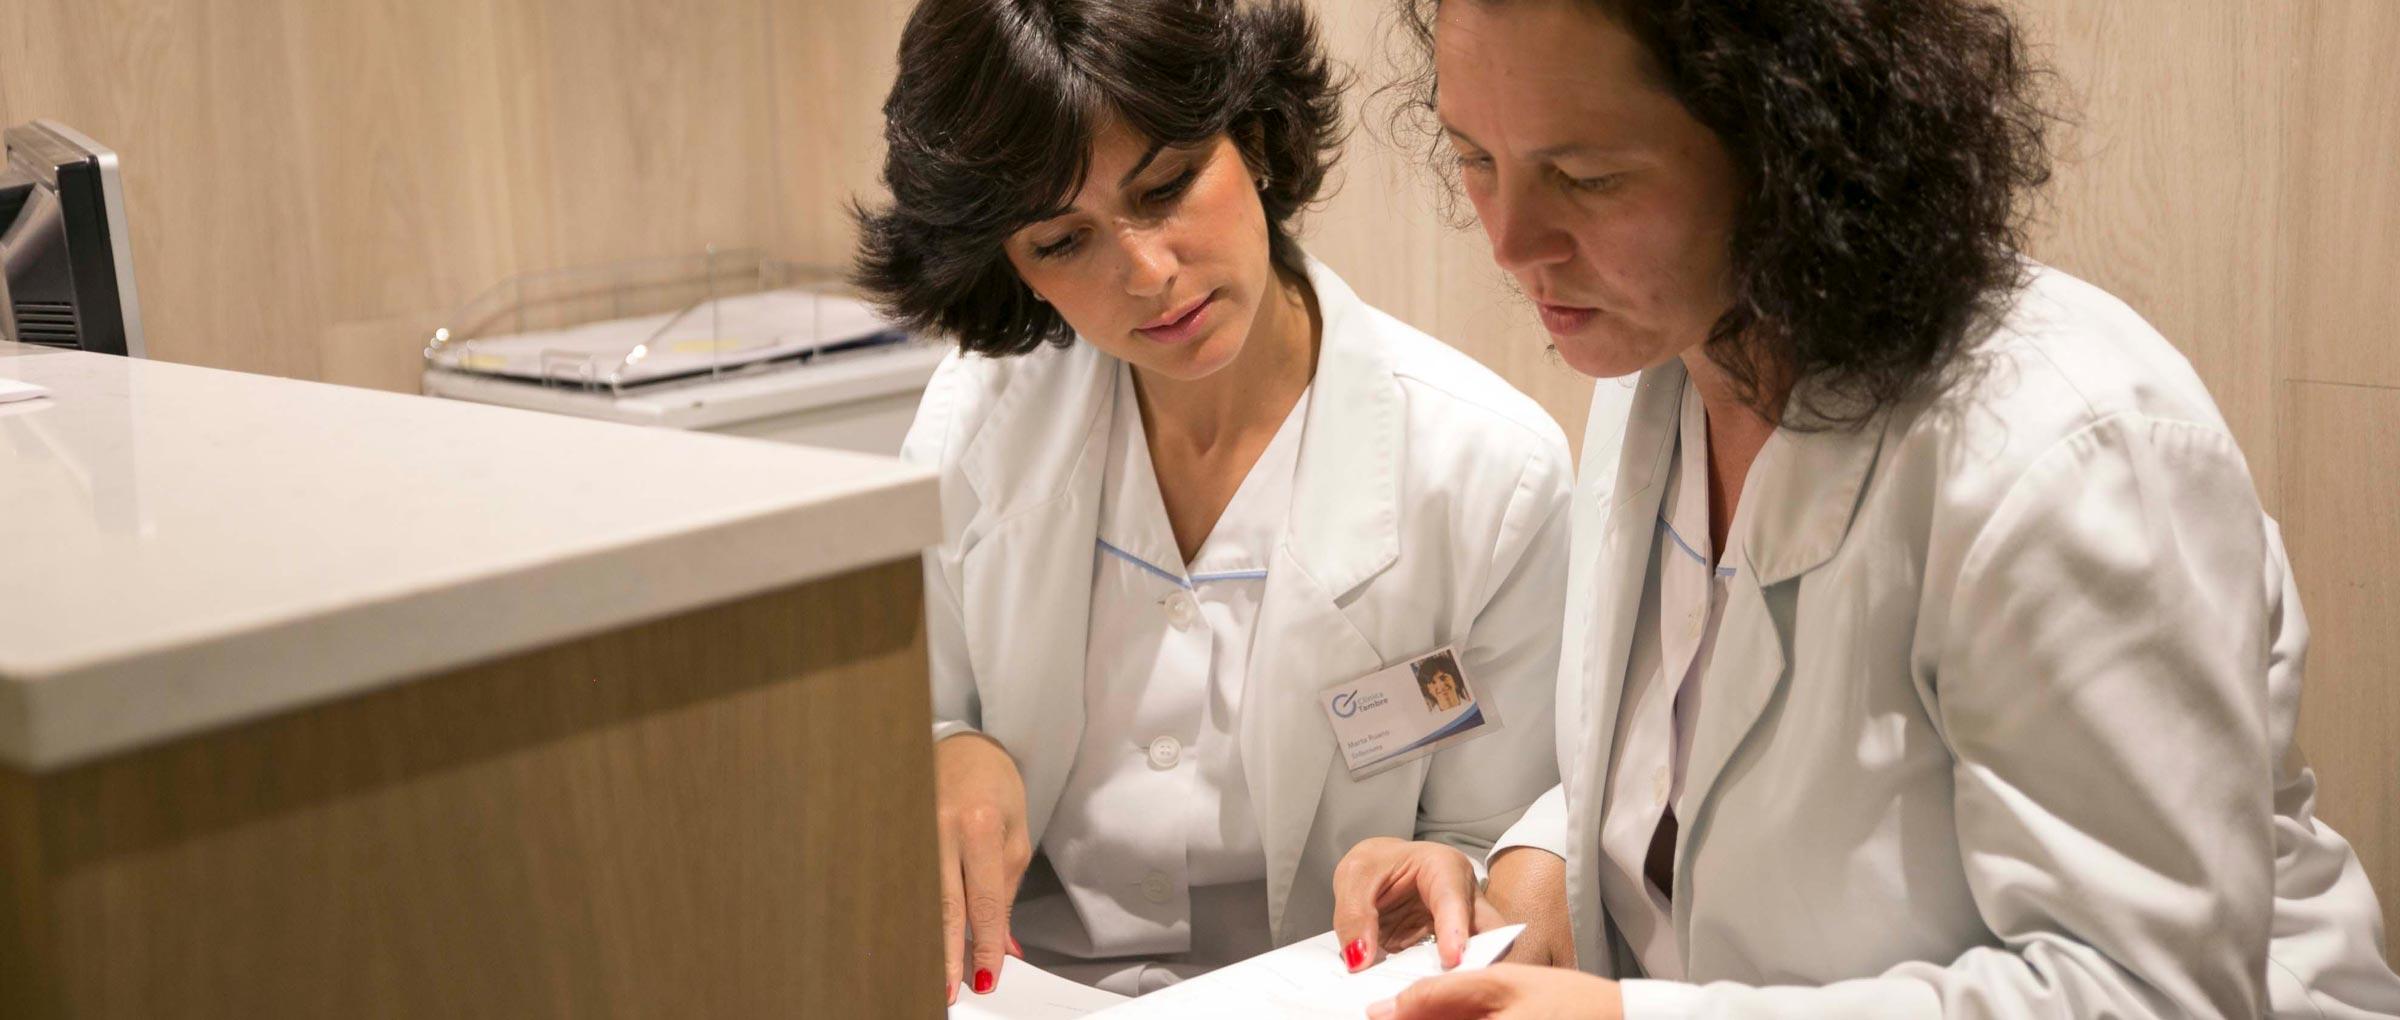 installacions clinica Tambre (11)